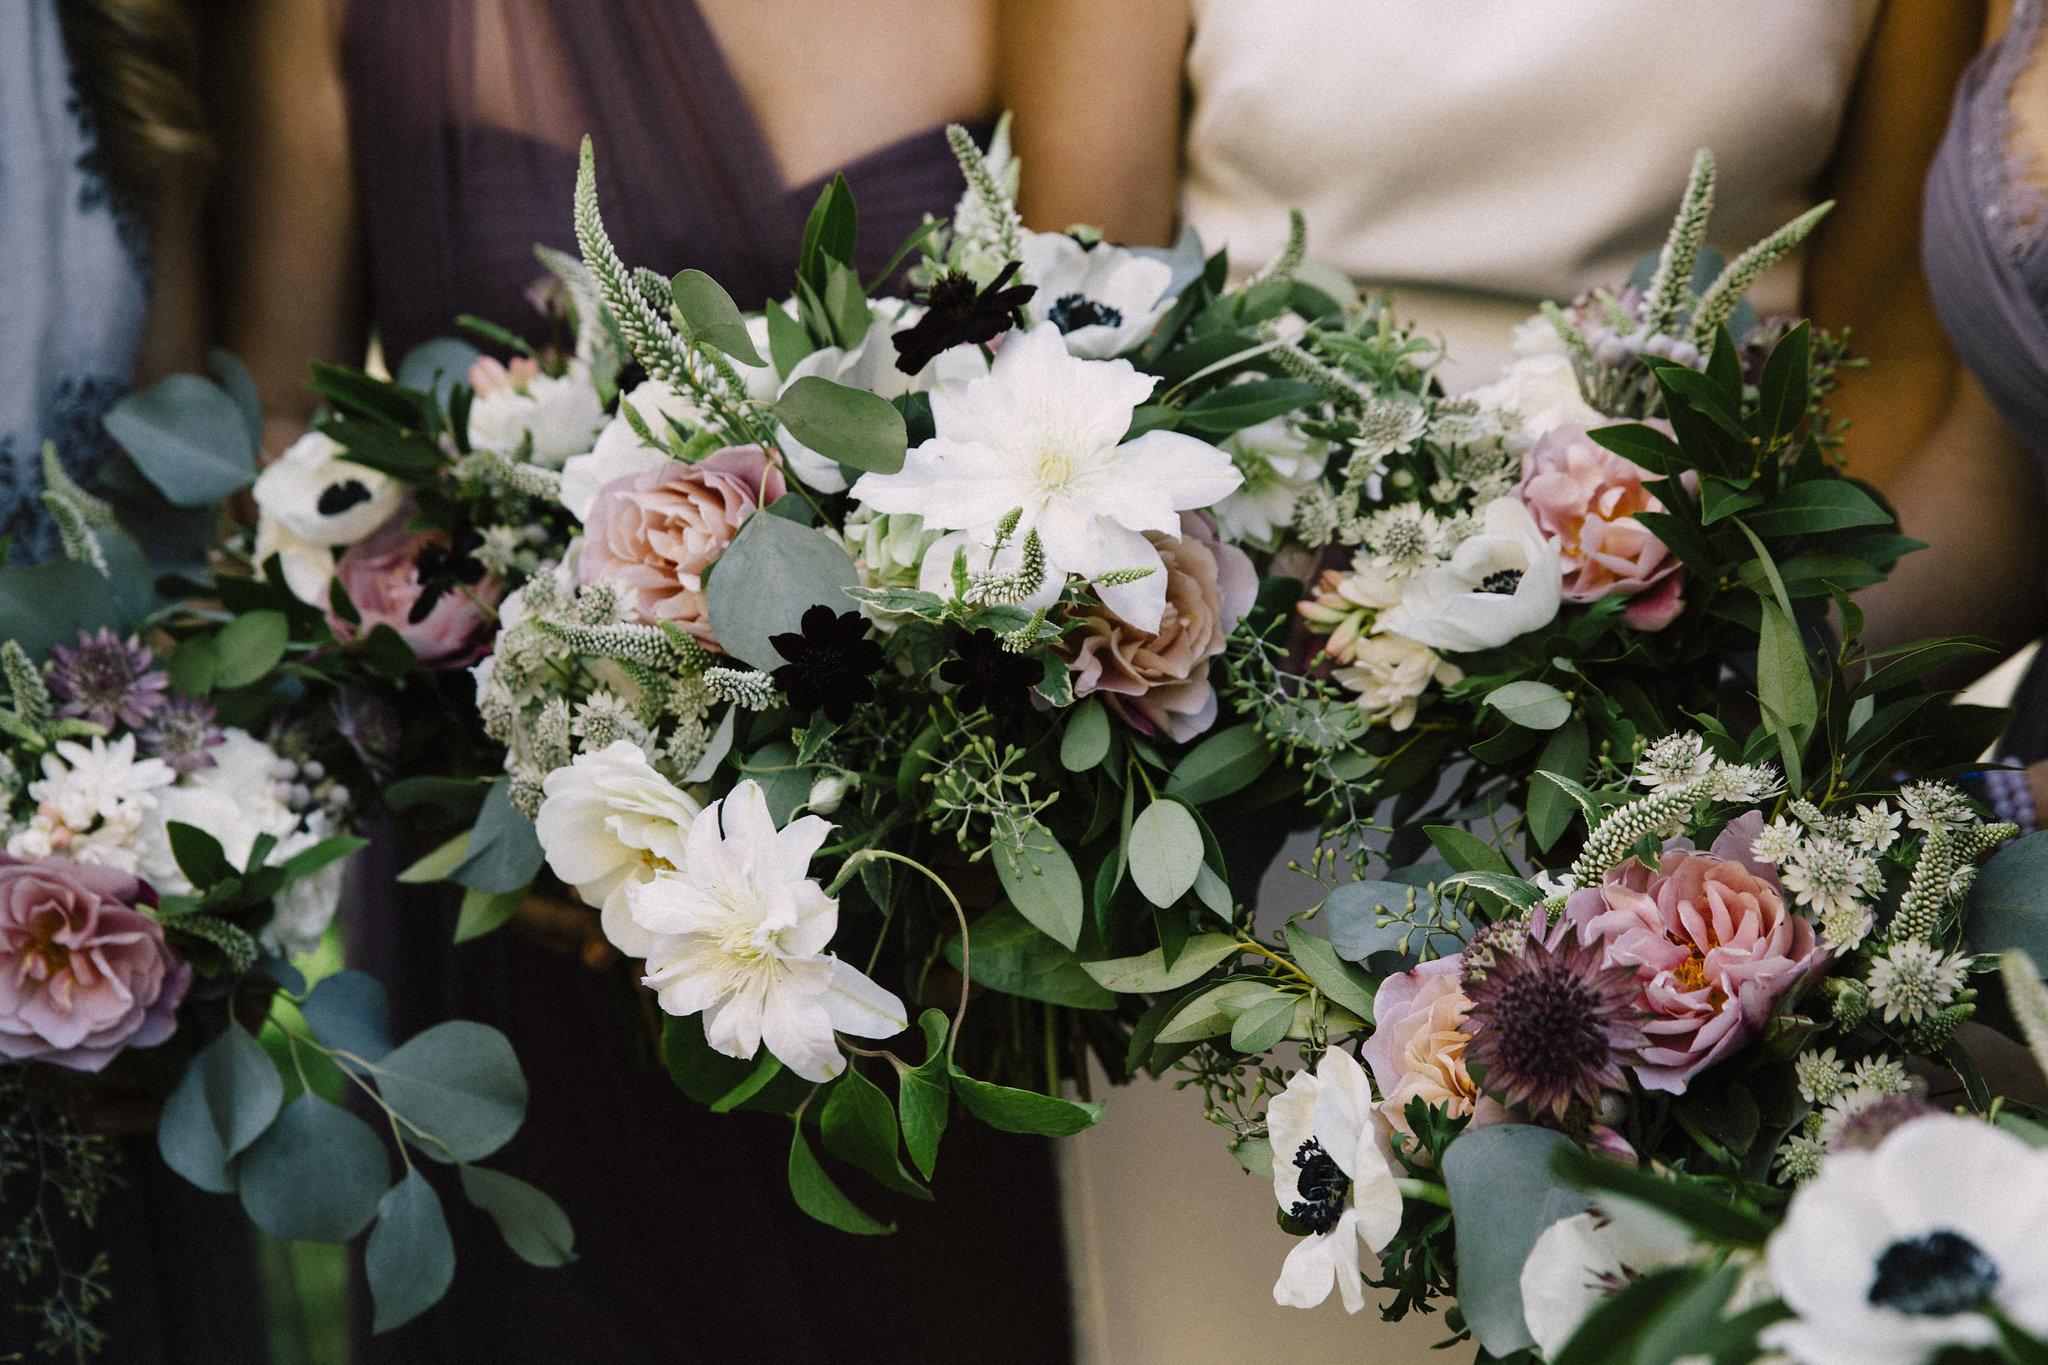 Venn Floral Bridal Bouquet Details | Photo by Lucille Lawrence